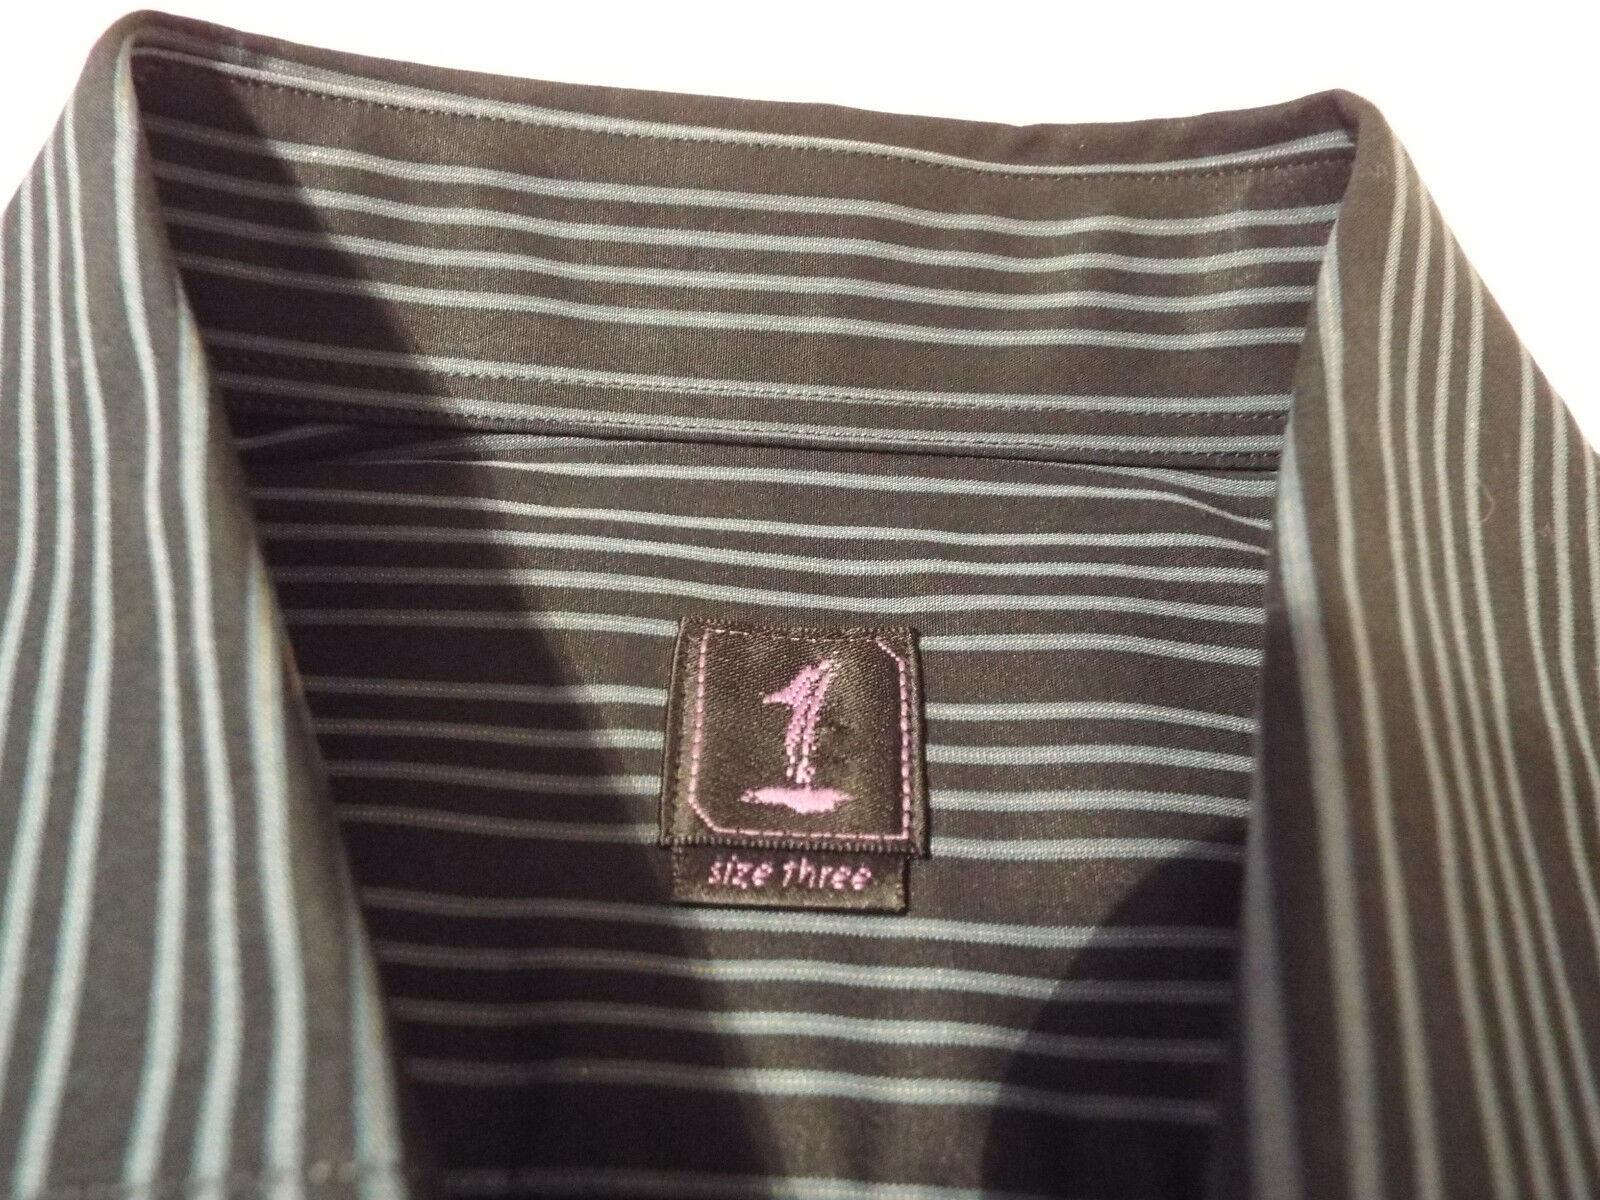 1 come nessun altro Camicia Da Uomo Uomo Uomo   Taglia 3 (46 ) sul petto   RRP +   RARA GRANDE Strisce c3c483